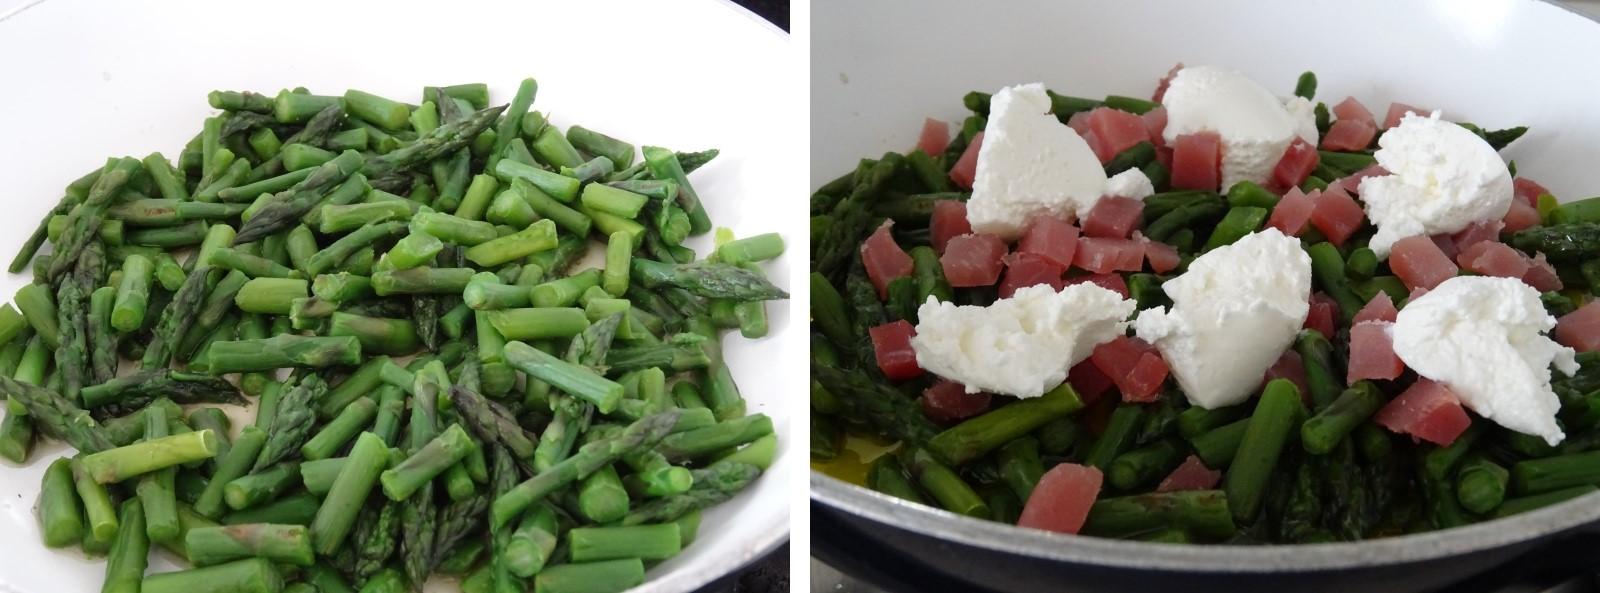 preparazione della paglia e fieno asparagi e lonzino